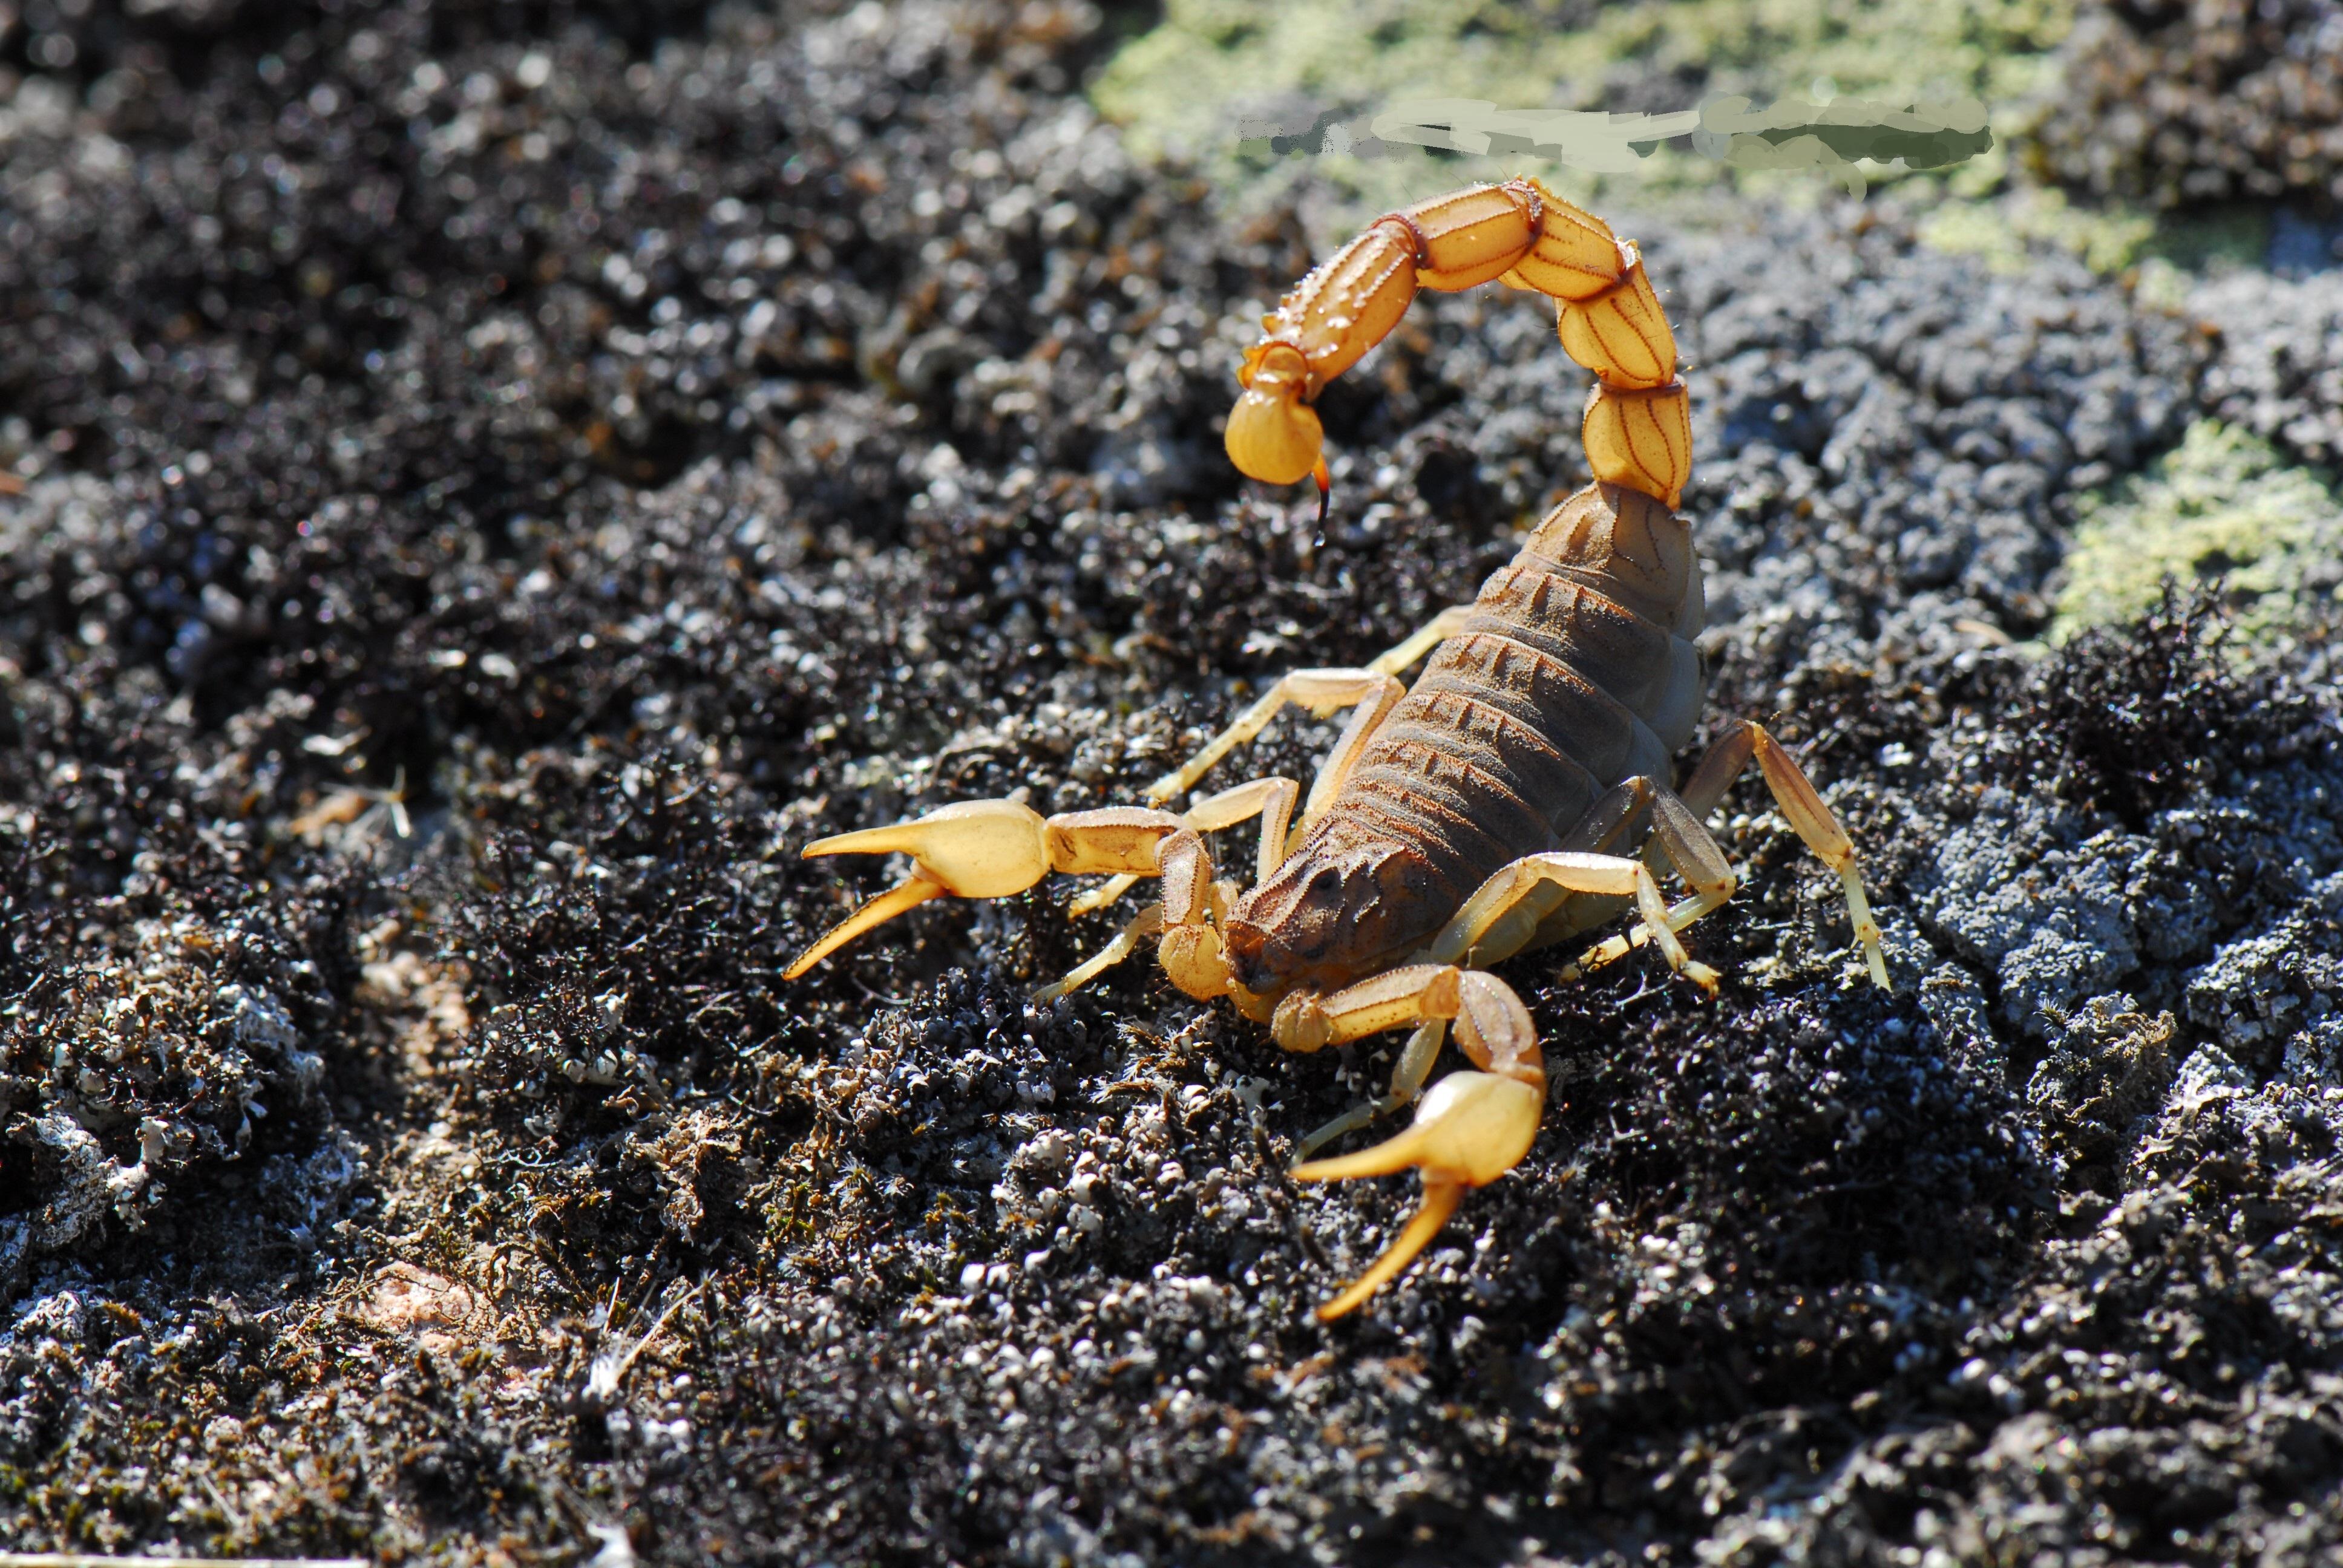 Scorpion Computer Wallpapers Desktop Backgrounds 3872x2592